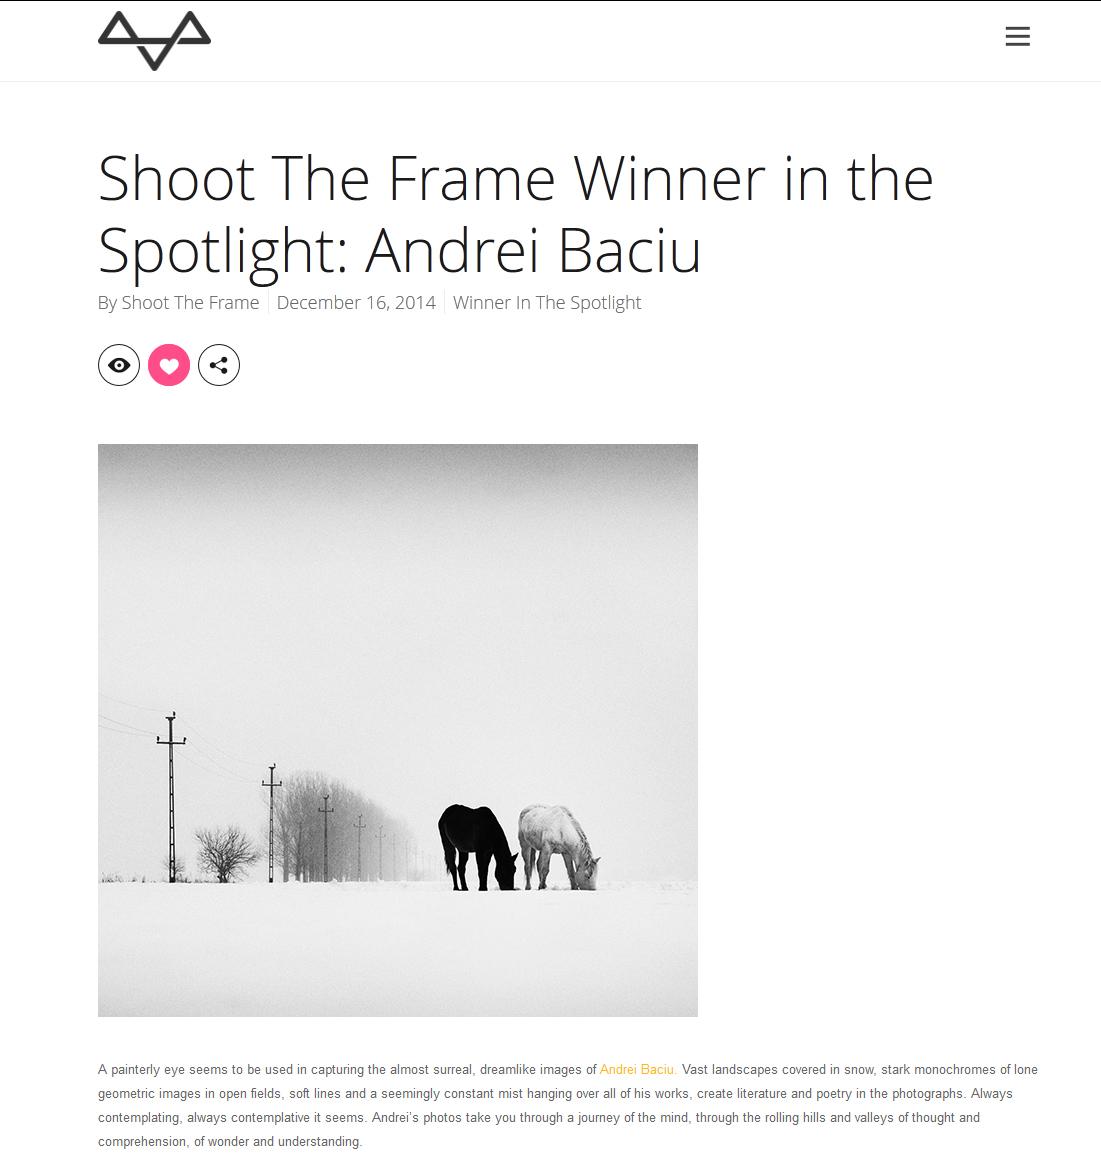 http://shoottheframe.com/winner-in-the-spotlight/shoot-the-frame-winner-in-the-spotlight-andrei-bacui/